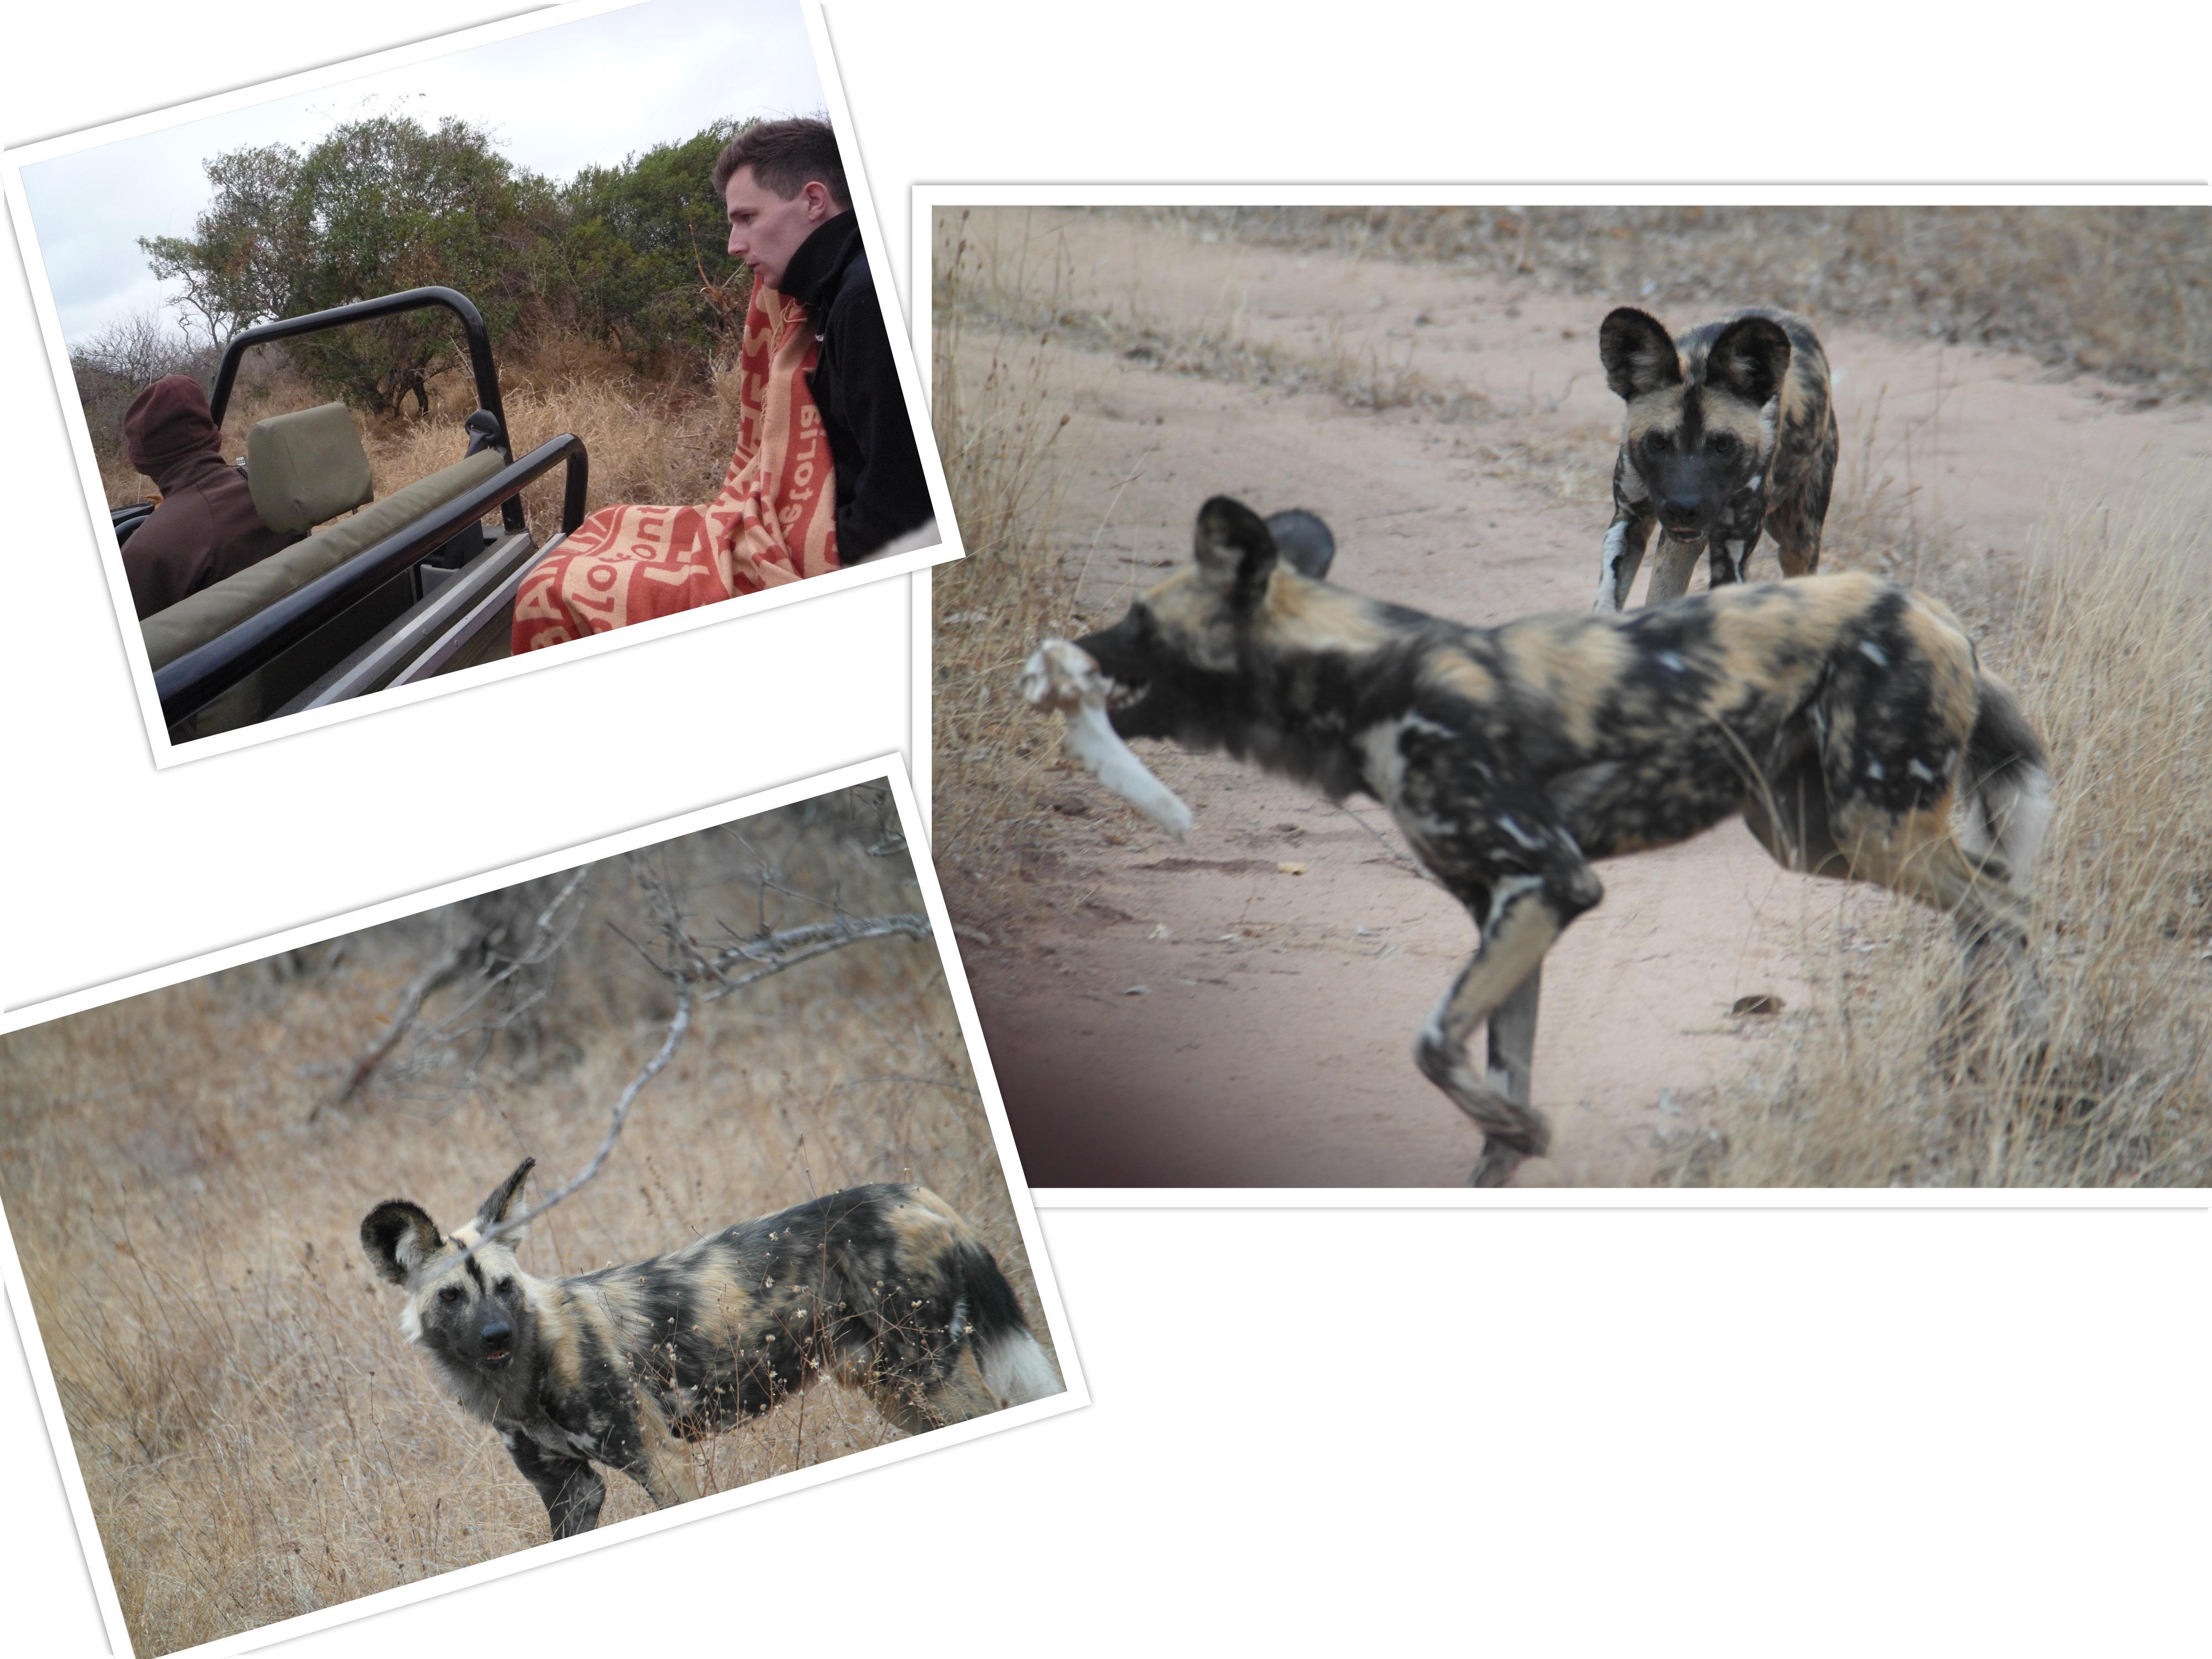 Wilde honden. Dat we de rit hebben overleefd is een wonder. De ranger reed heel hard om ze te zien, want hij had ze nog nooit gezien. Een andere wagen had ze gevonden en via portofoons praten ze met elkaar. Ze speelden met een bot en waren op jacht naar een everzwijn.